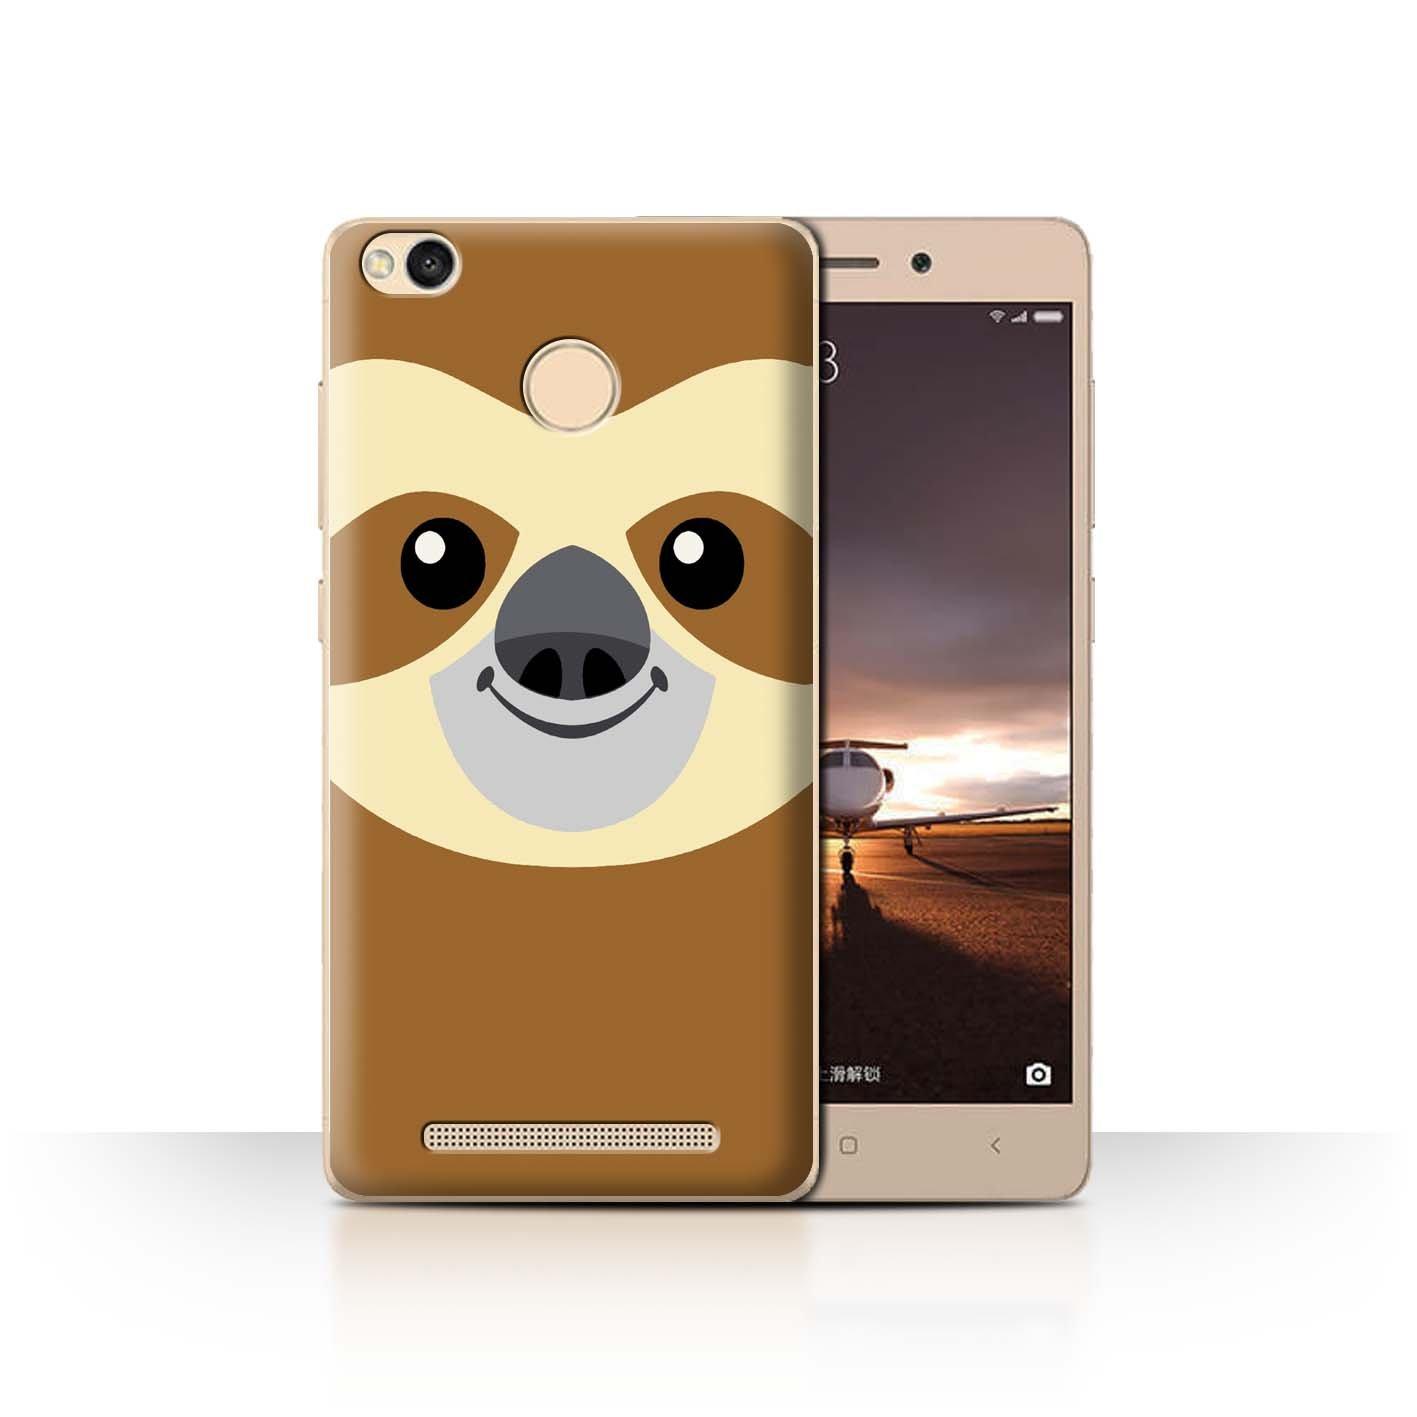 Stuff4® ® Phone Case/Cover/Skin/Xia de CC/Dibujos Animados Animal Faces Collection Faultier Xiaomi Redmi 3 Pro/3S Prime: Amazon.es: Informática